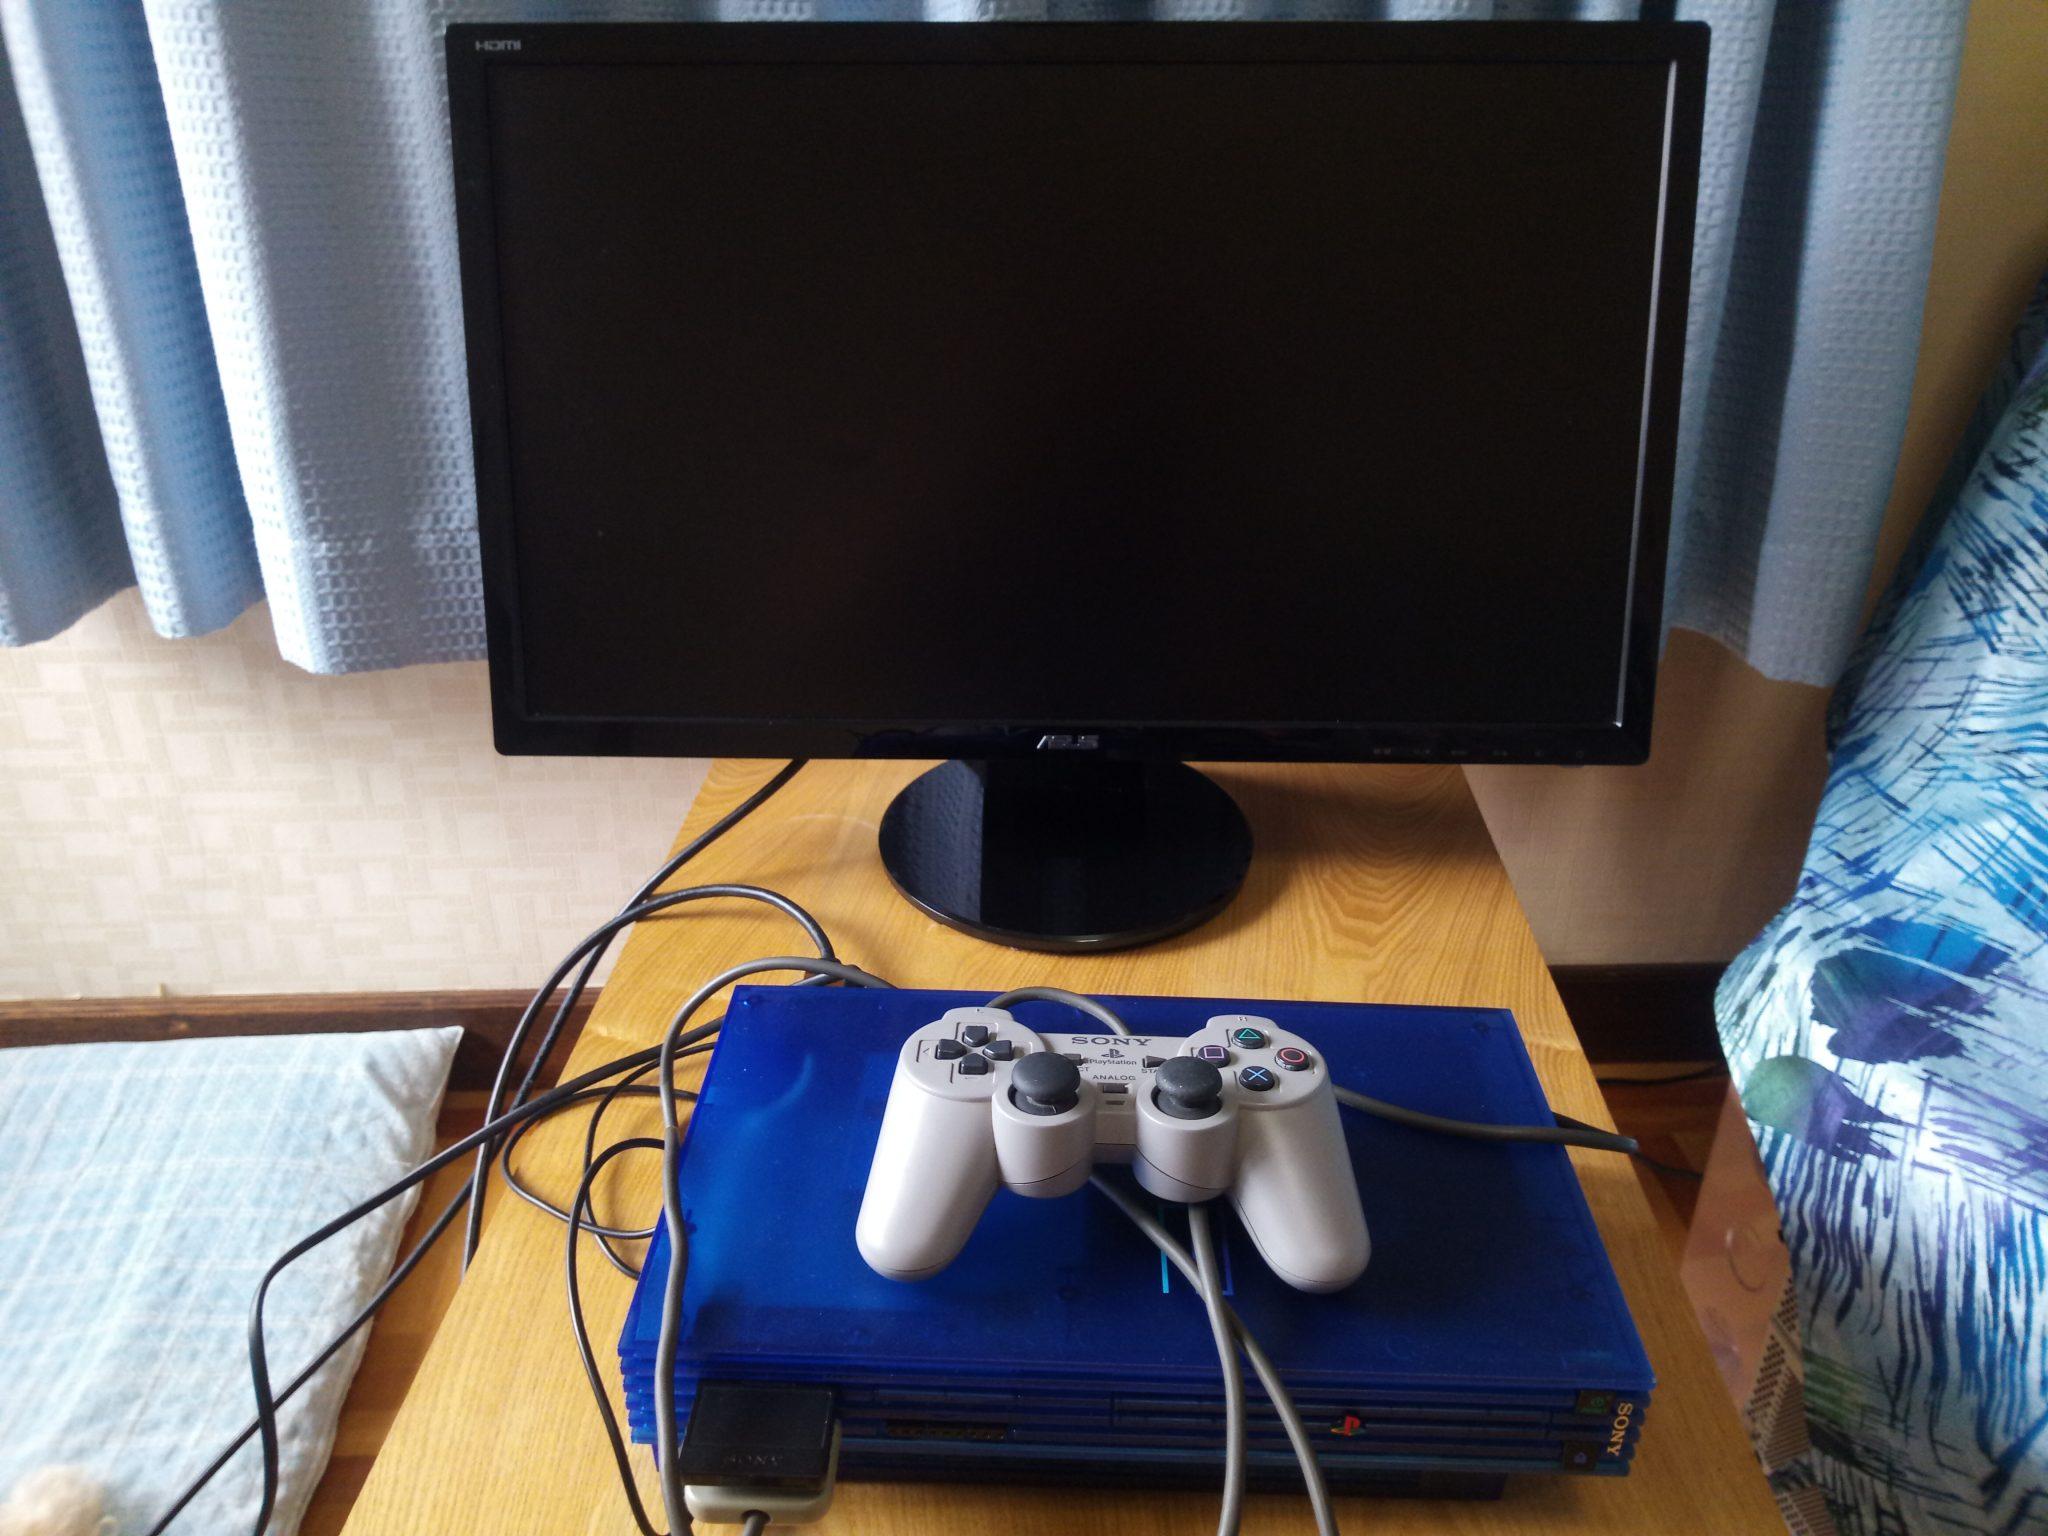 PS2をPCモニターに接続してプレイする方法